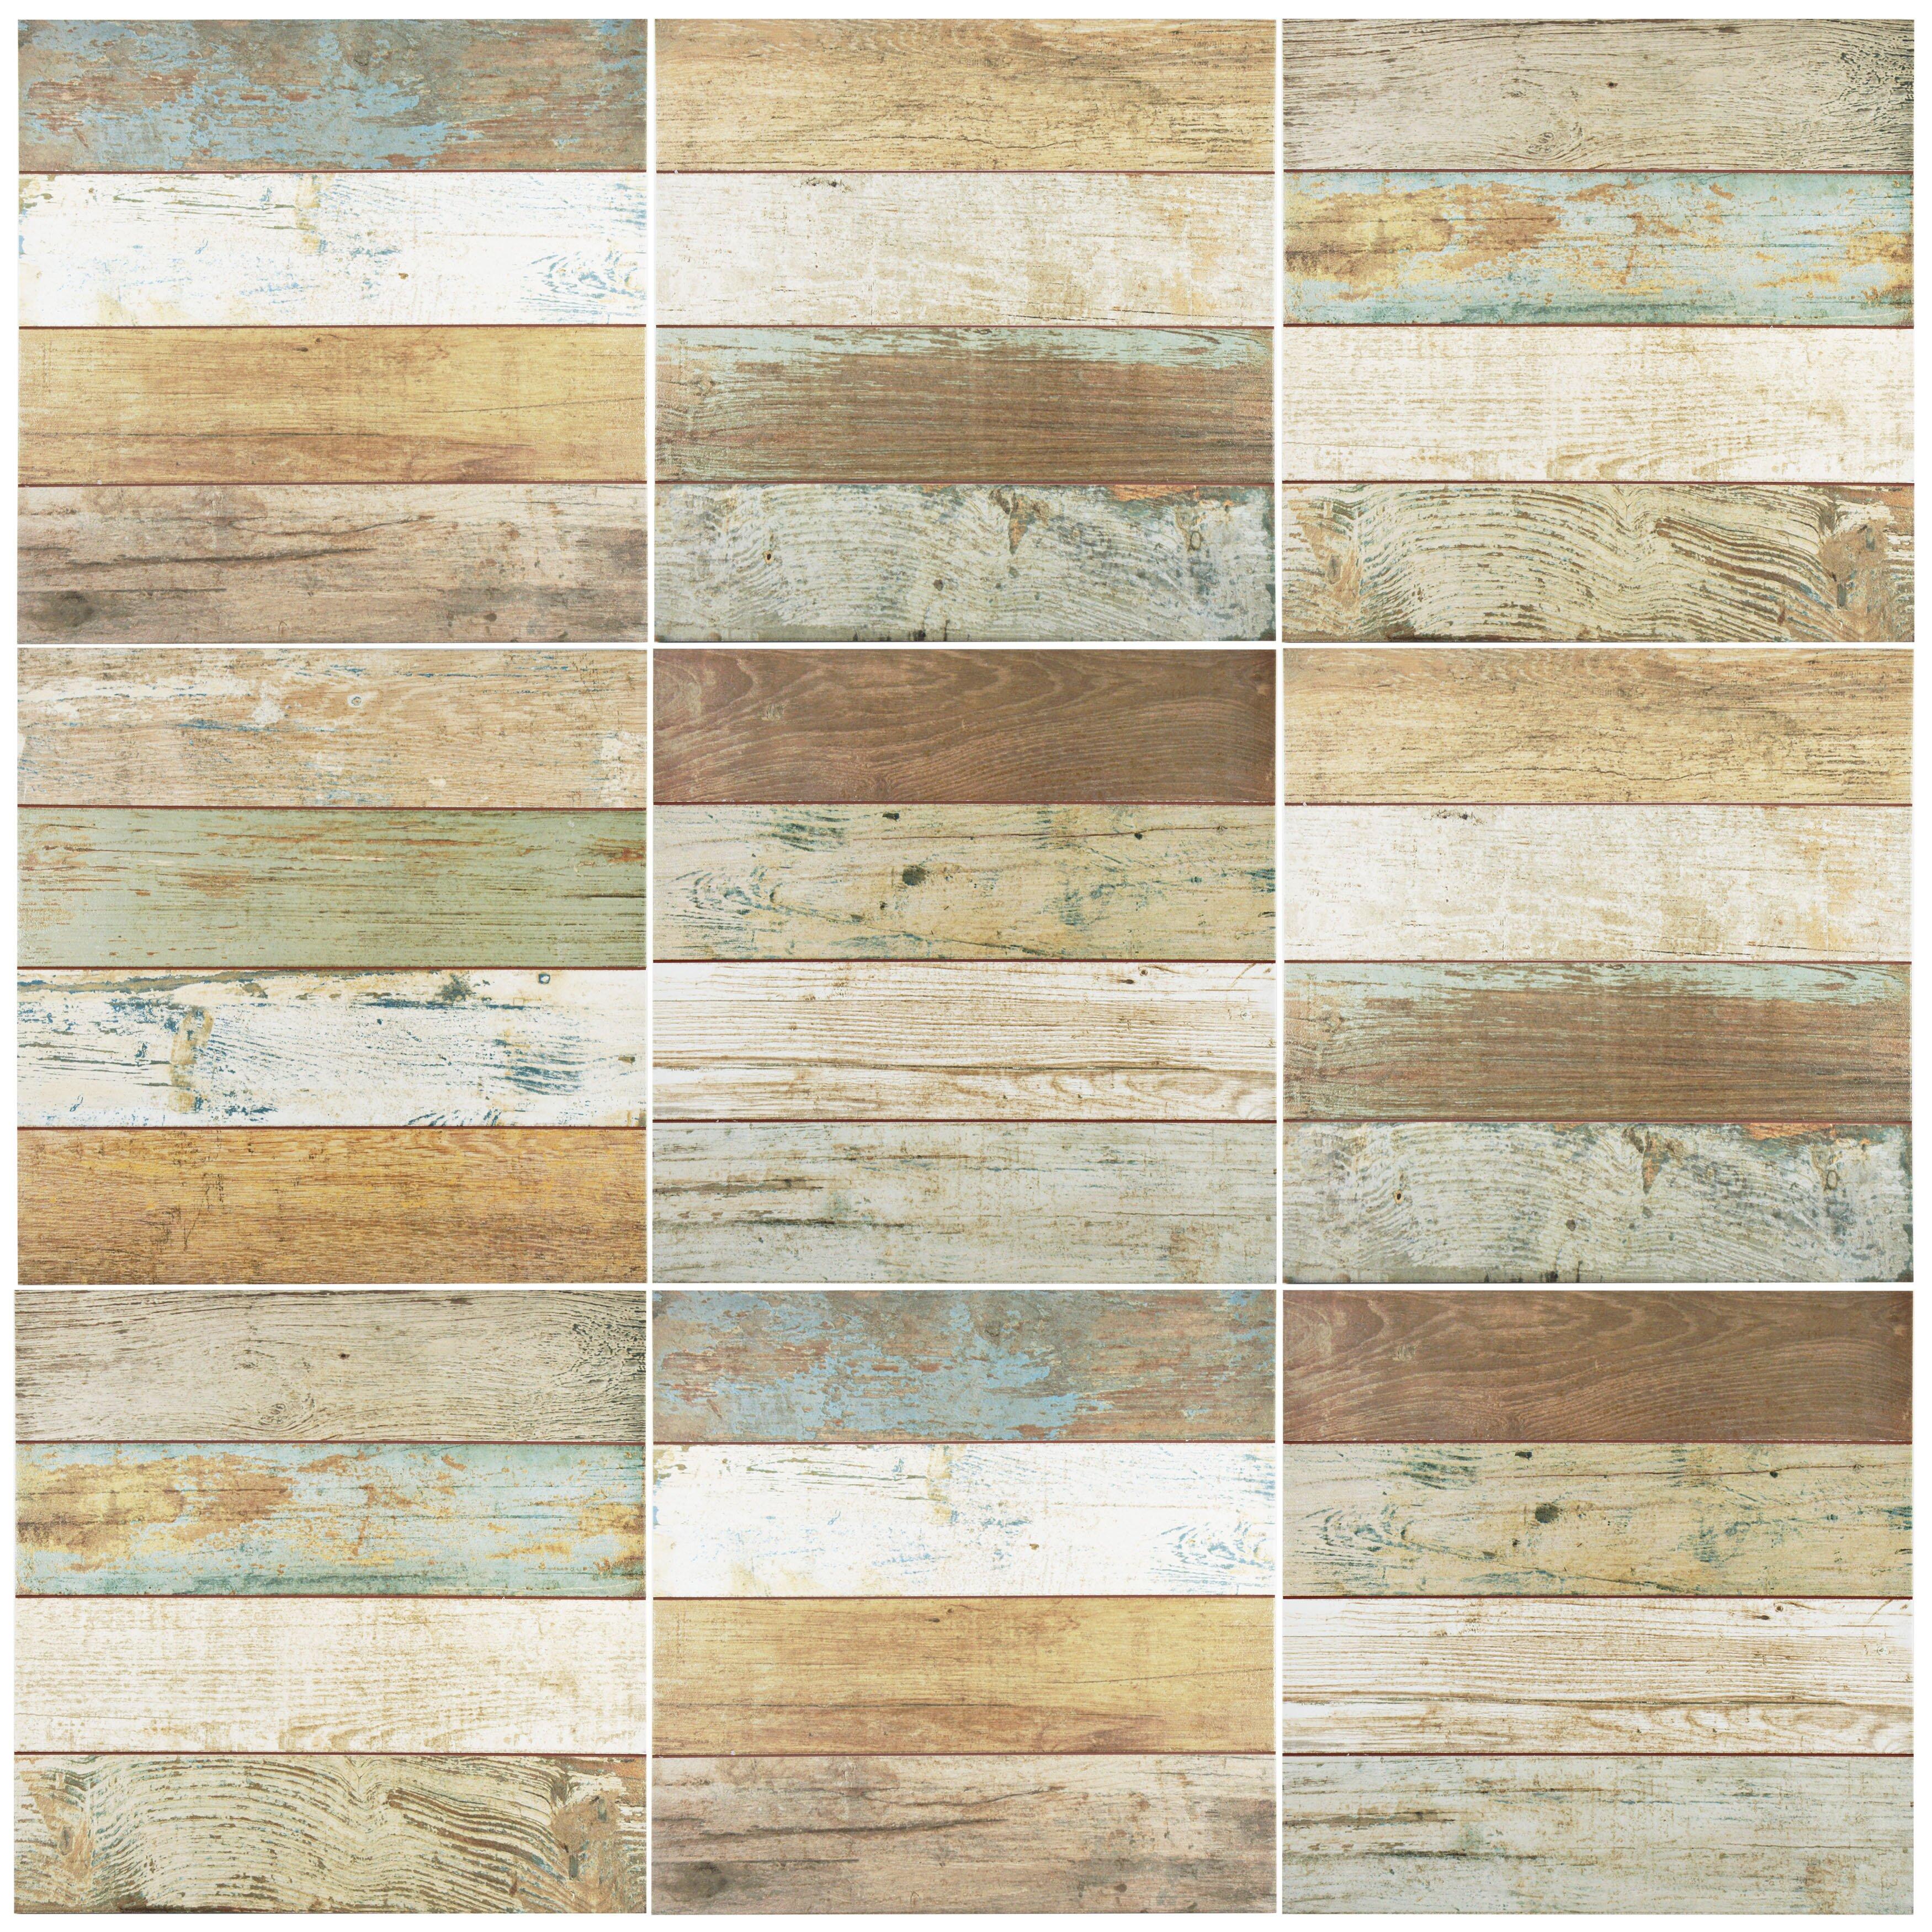 Elitetile Royalty 17 75 Quot X 17 75 Quot Ceramic Wood Look Tile